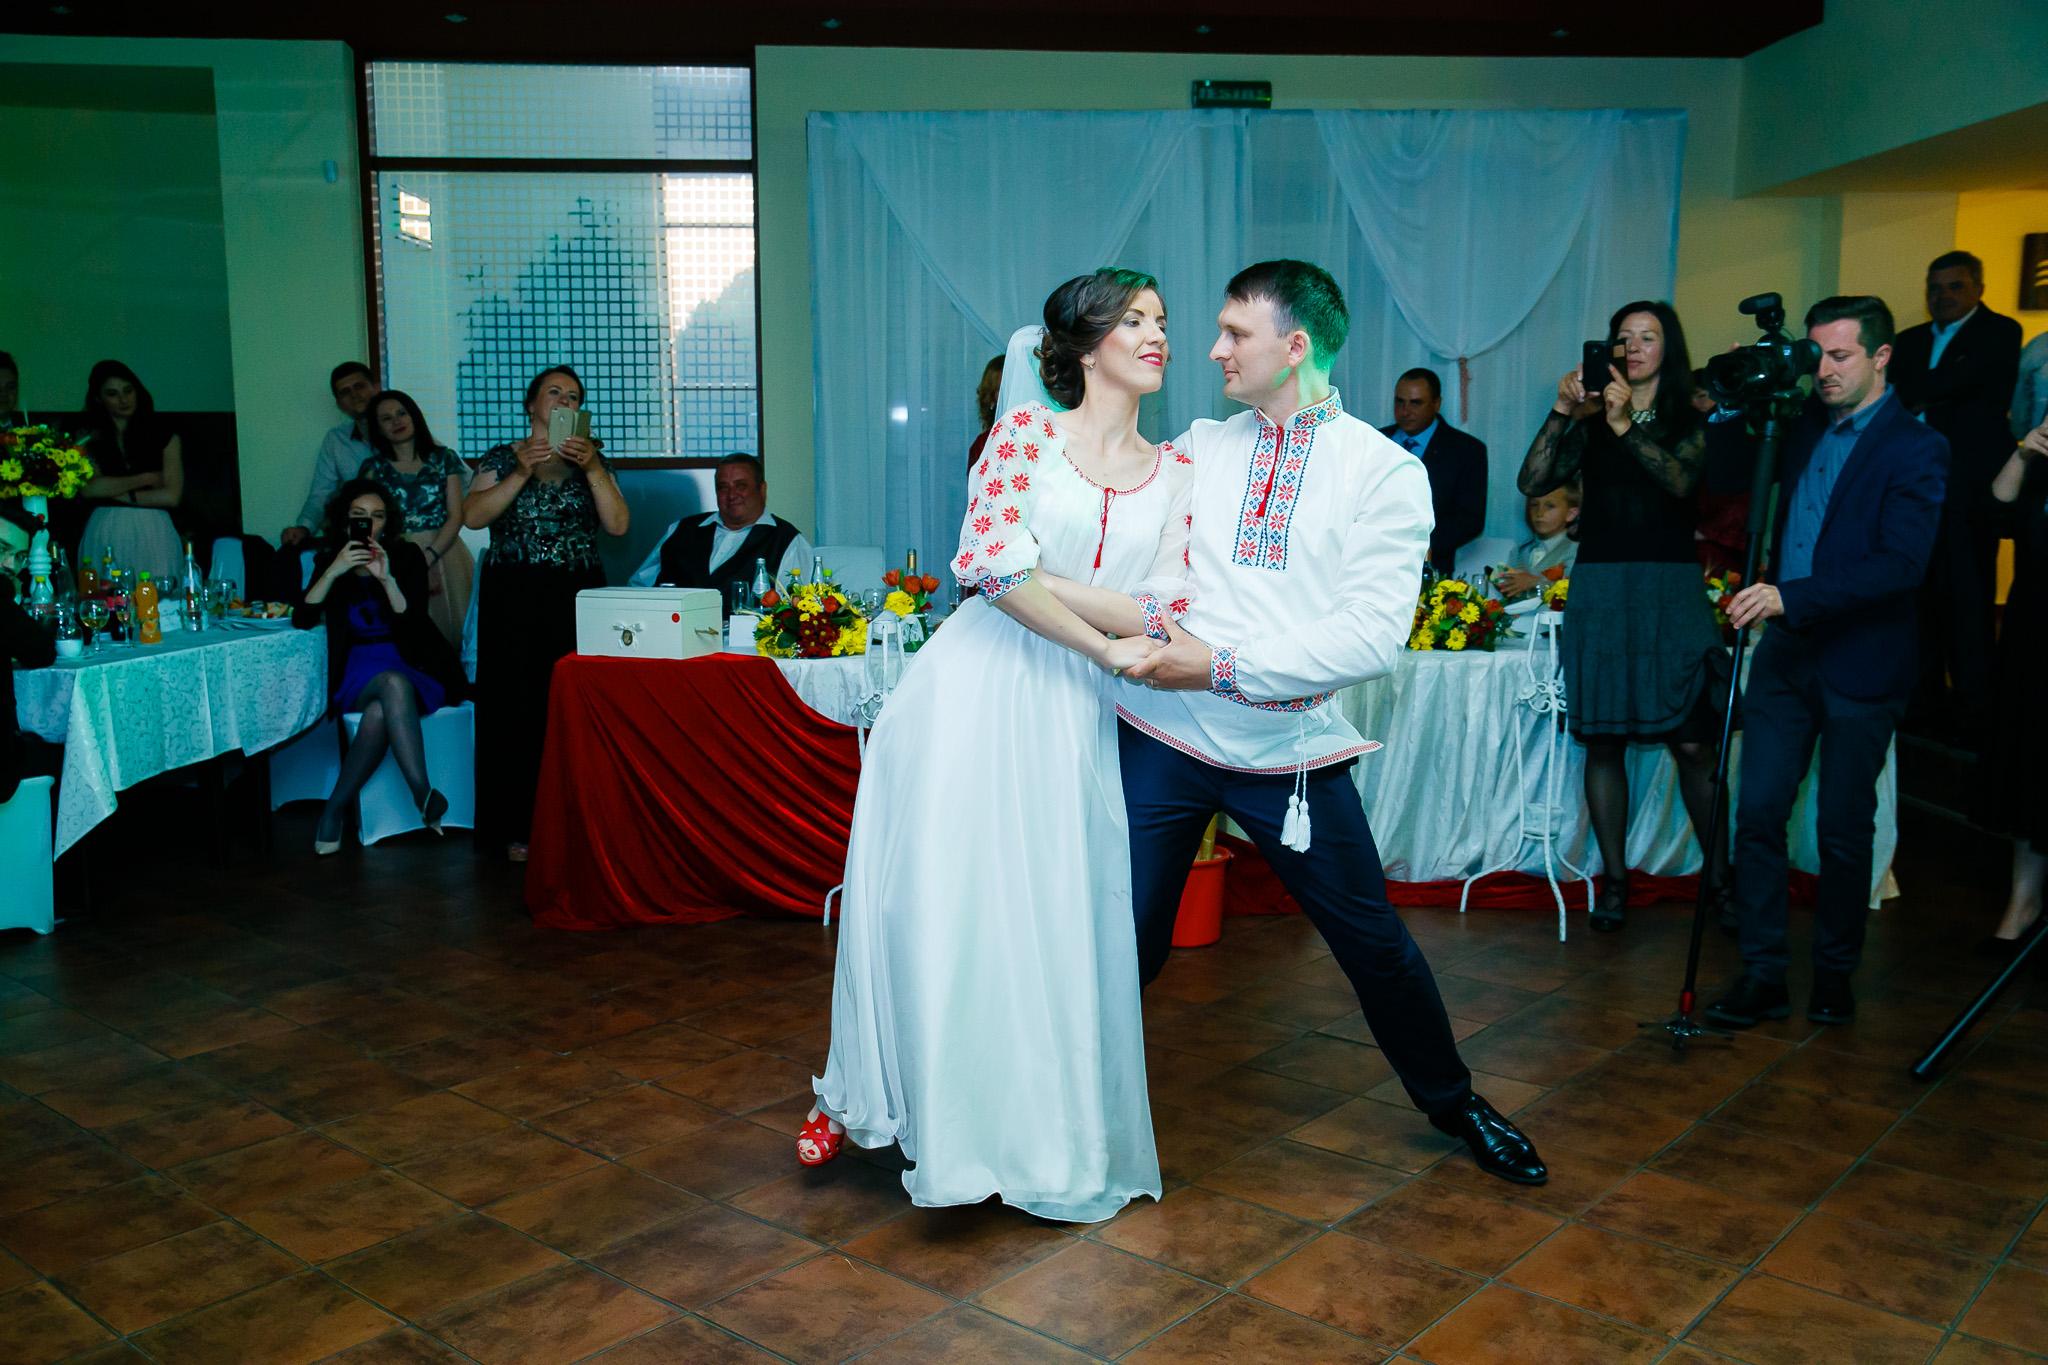 Nuntă tradițională Elisabeta și Alexandru fotograf profesionist nunta Iasi www.paulpadurariu.ro © 2018 Paul Padurariu fotograf de nunta Iasi dansul mirilor 3